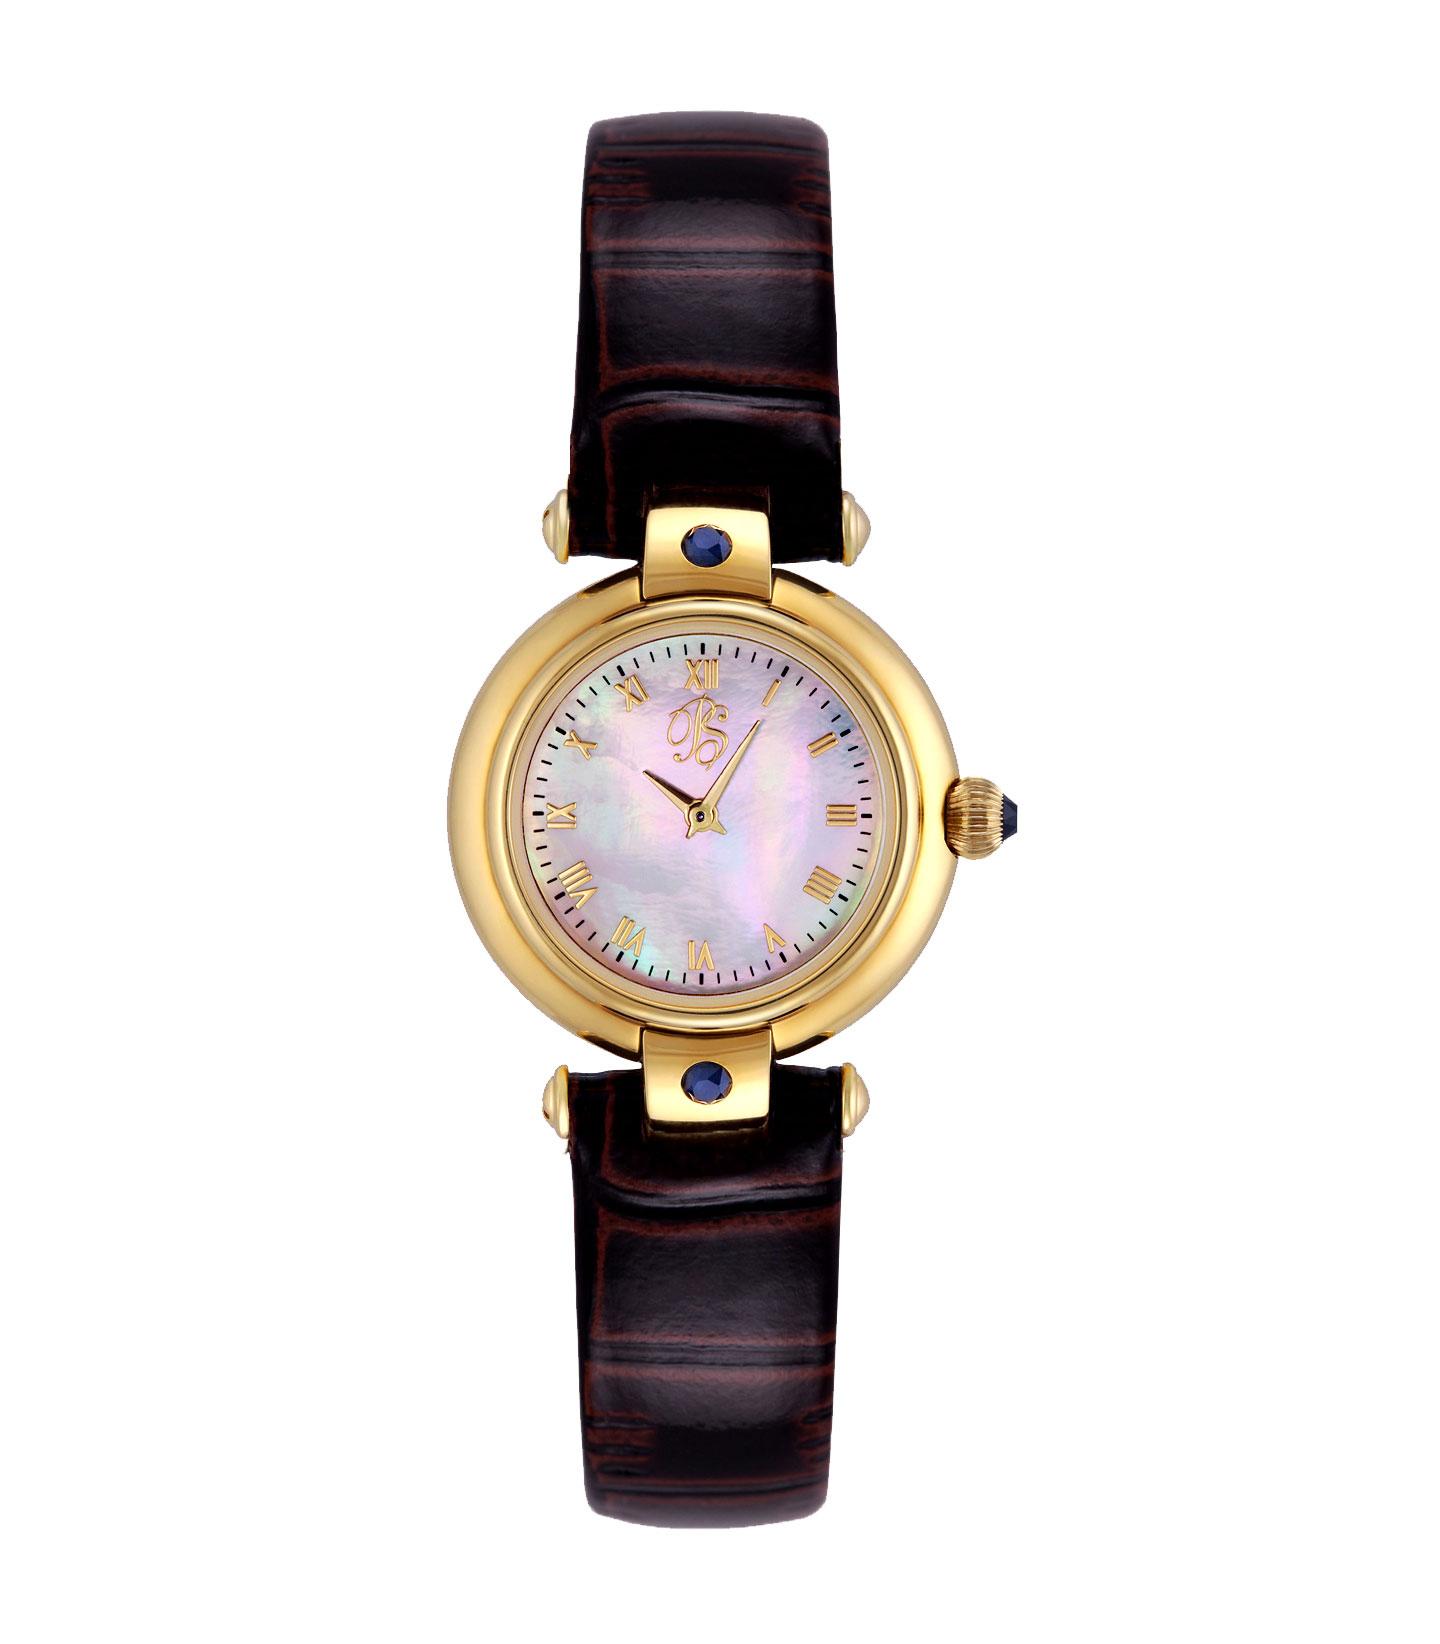 Часы Наручные С Торговым Знаком Полетфирма Изготовитель